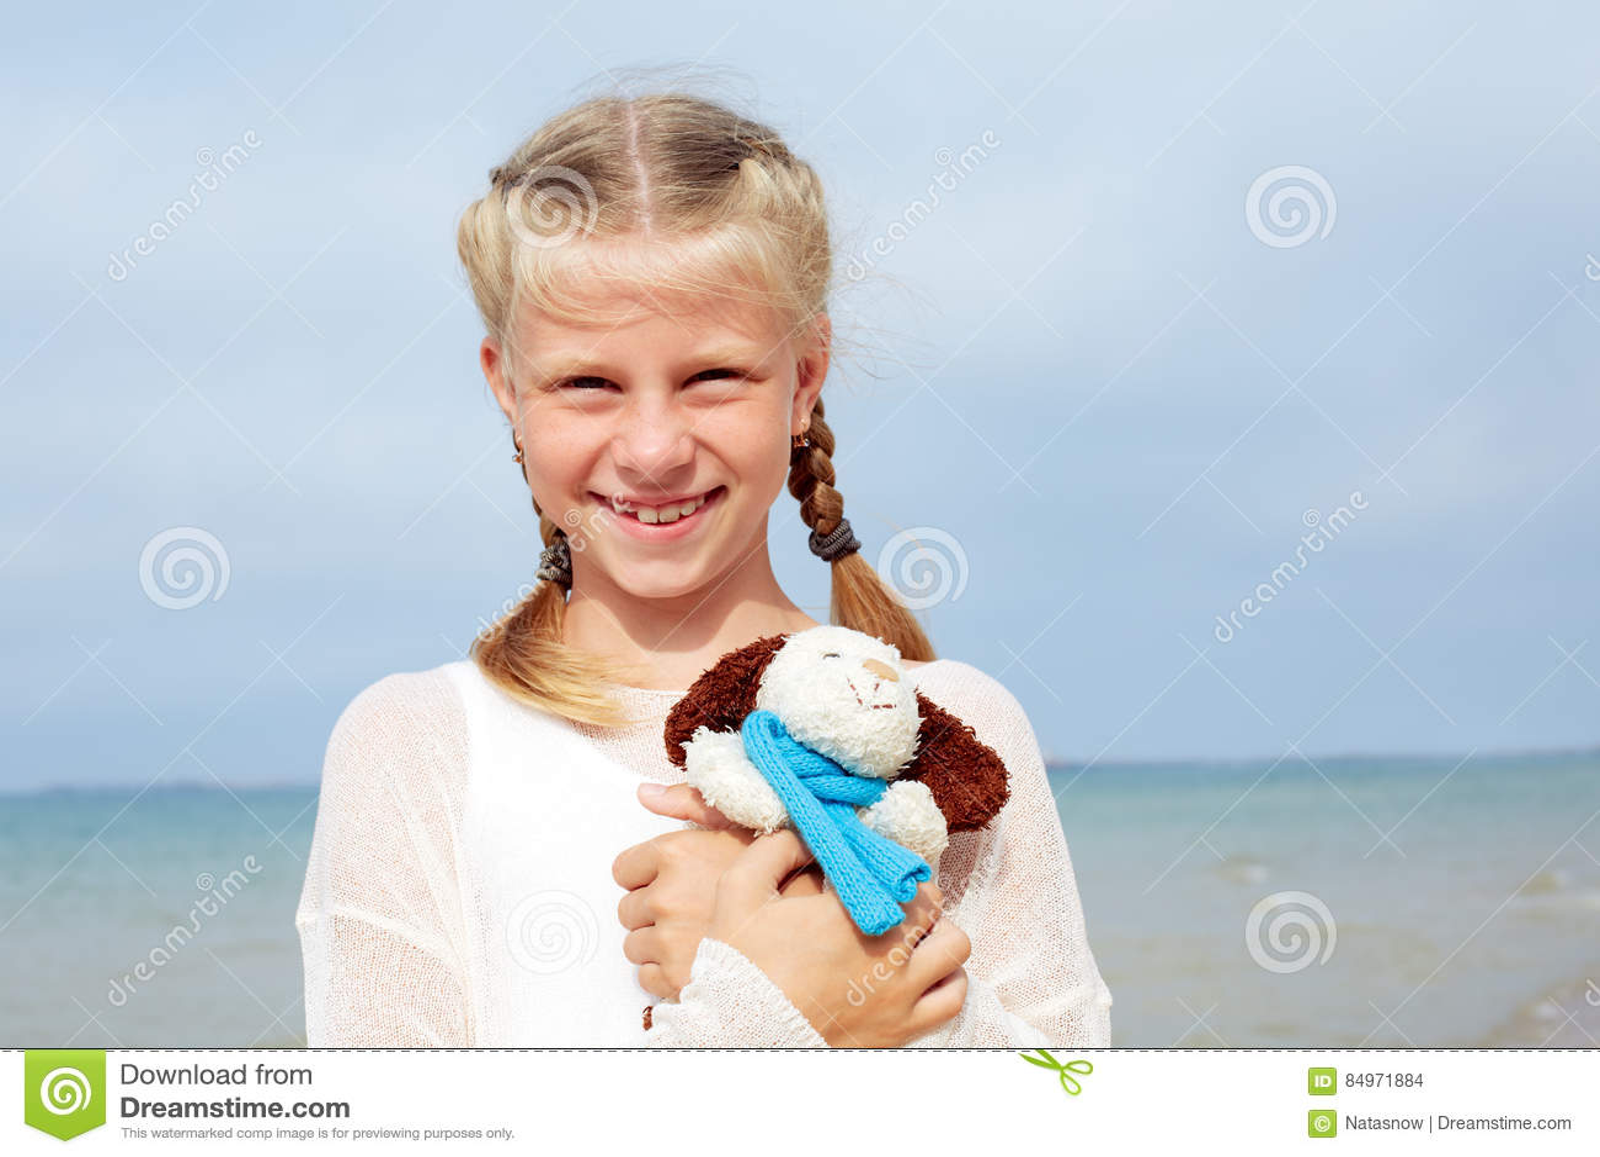 La pequeña muchacha hermosa abraza un perro-juguete graciosamente